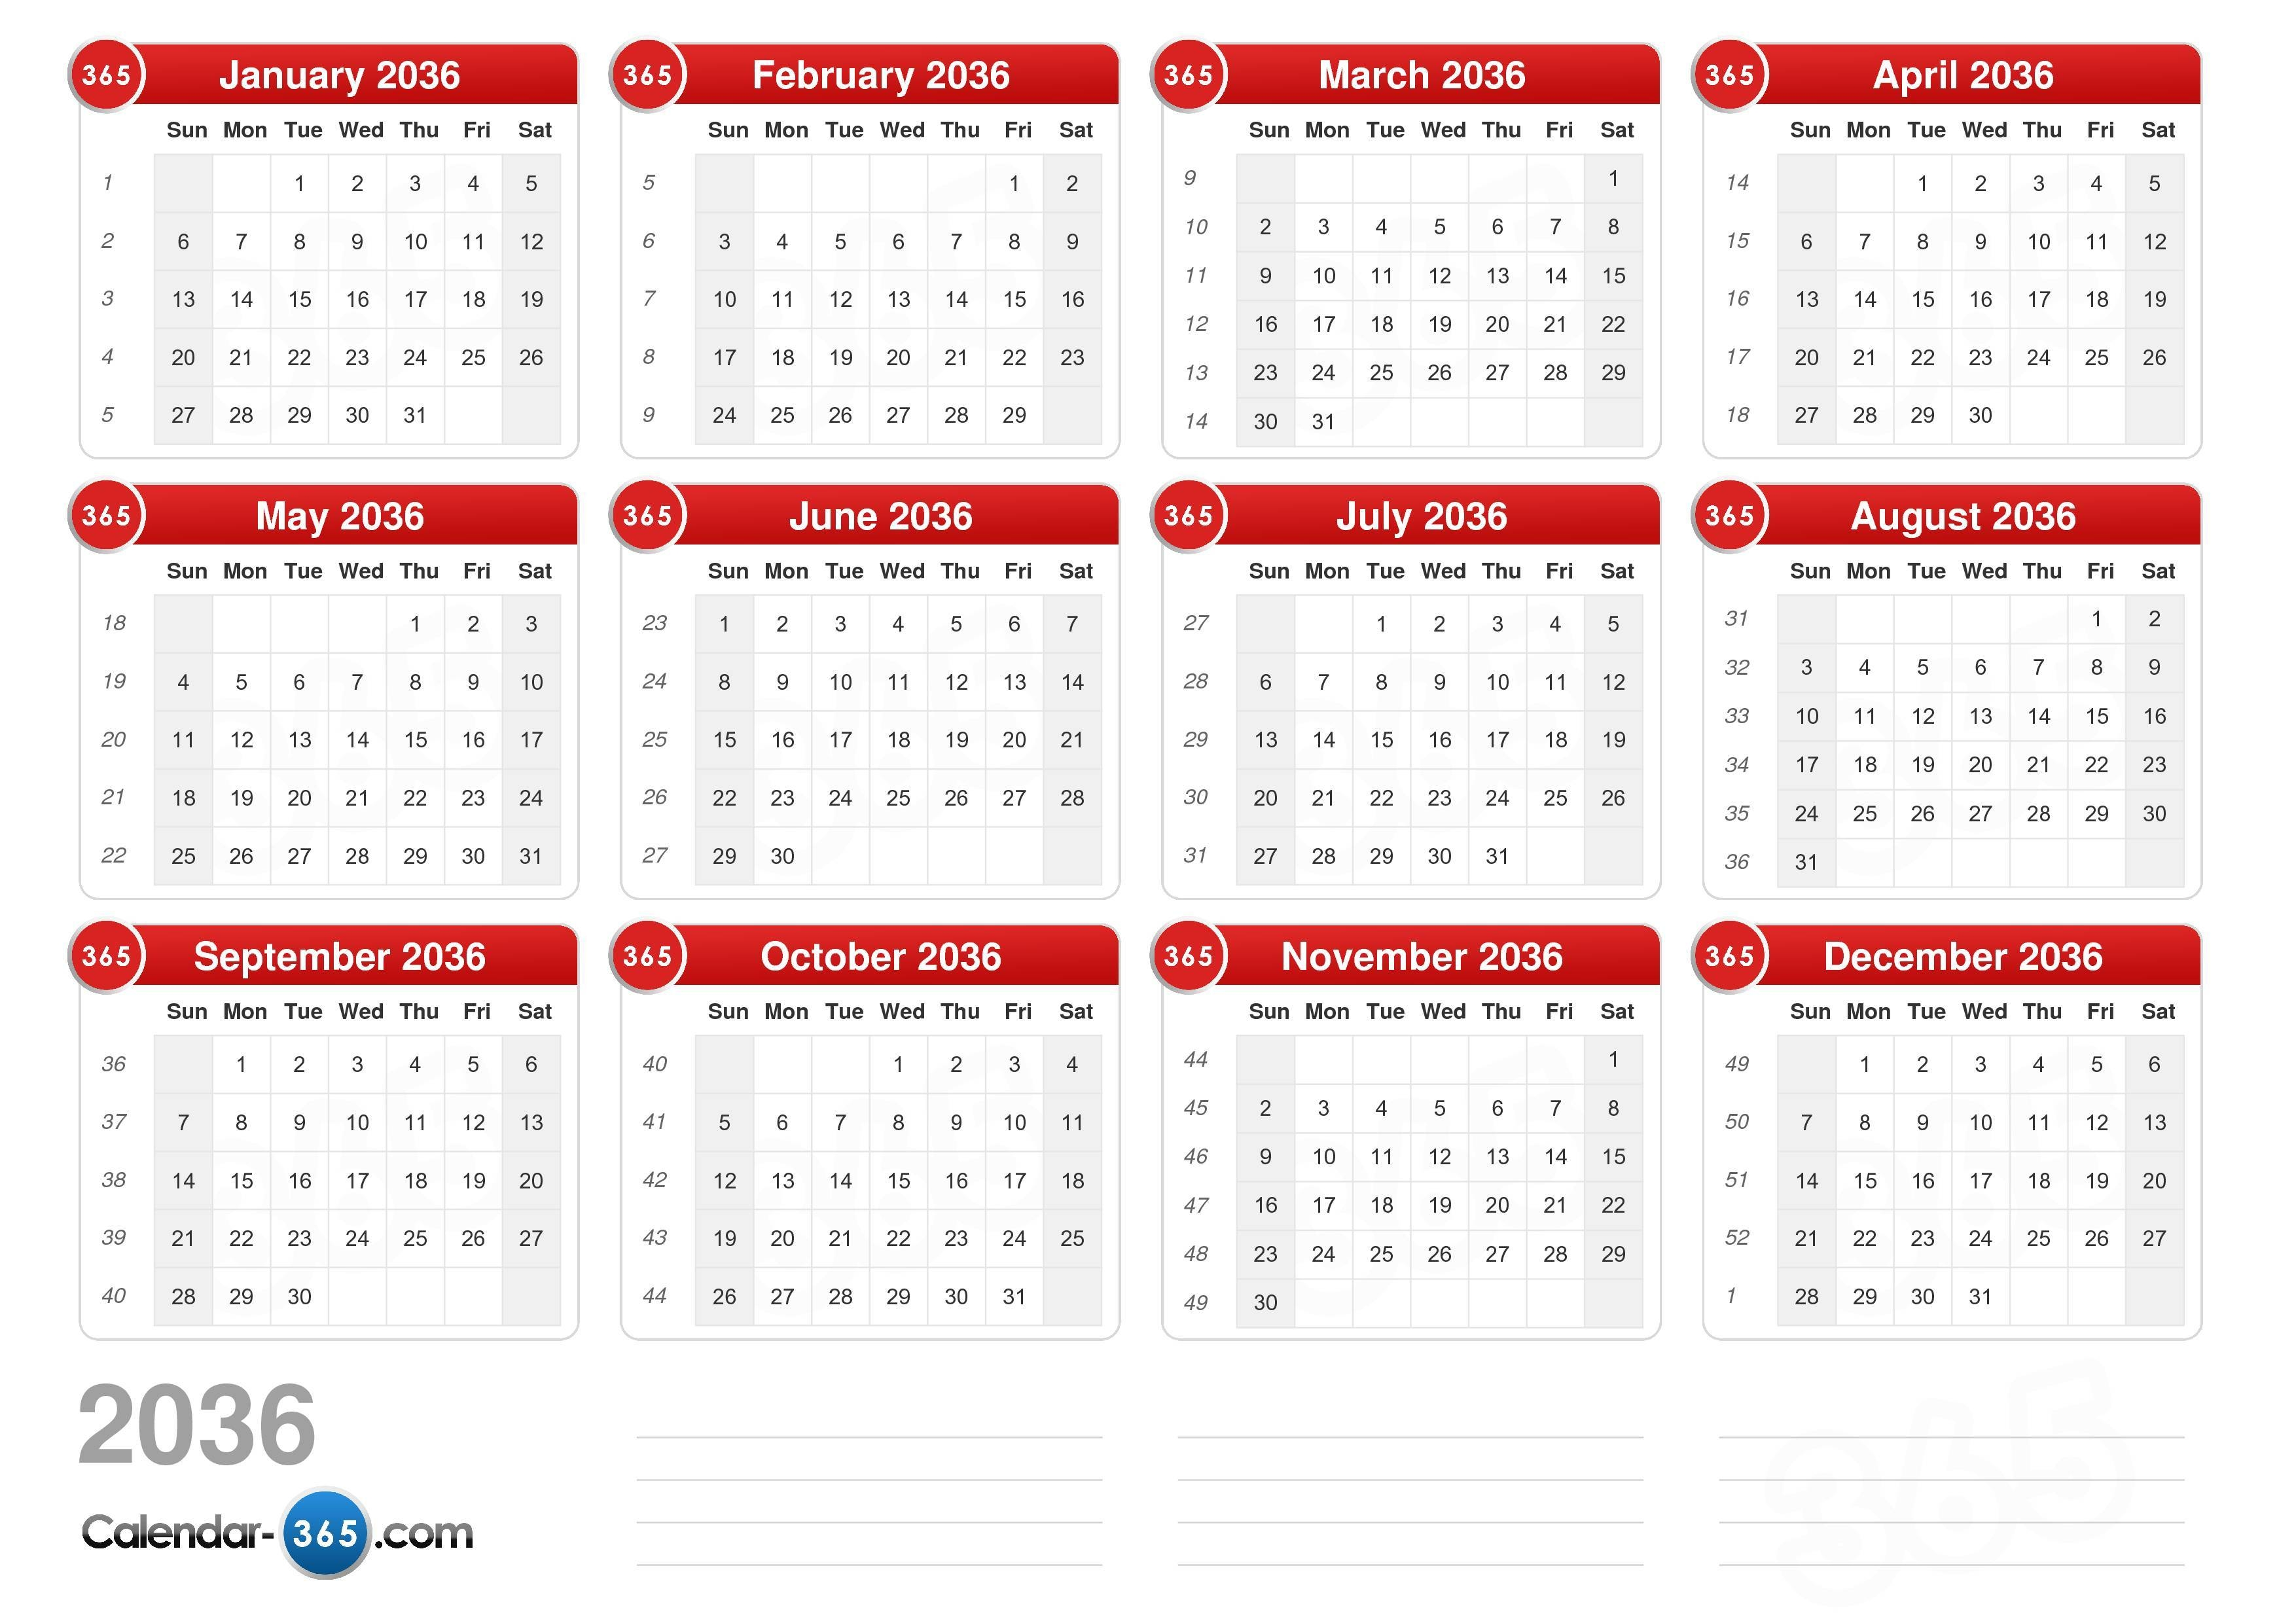 Online Calendar 2036 With Week Numbers